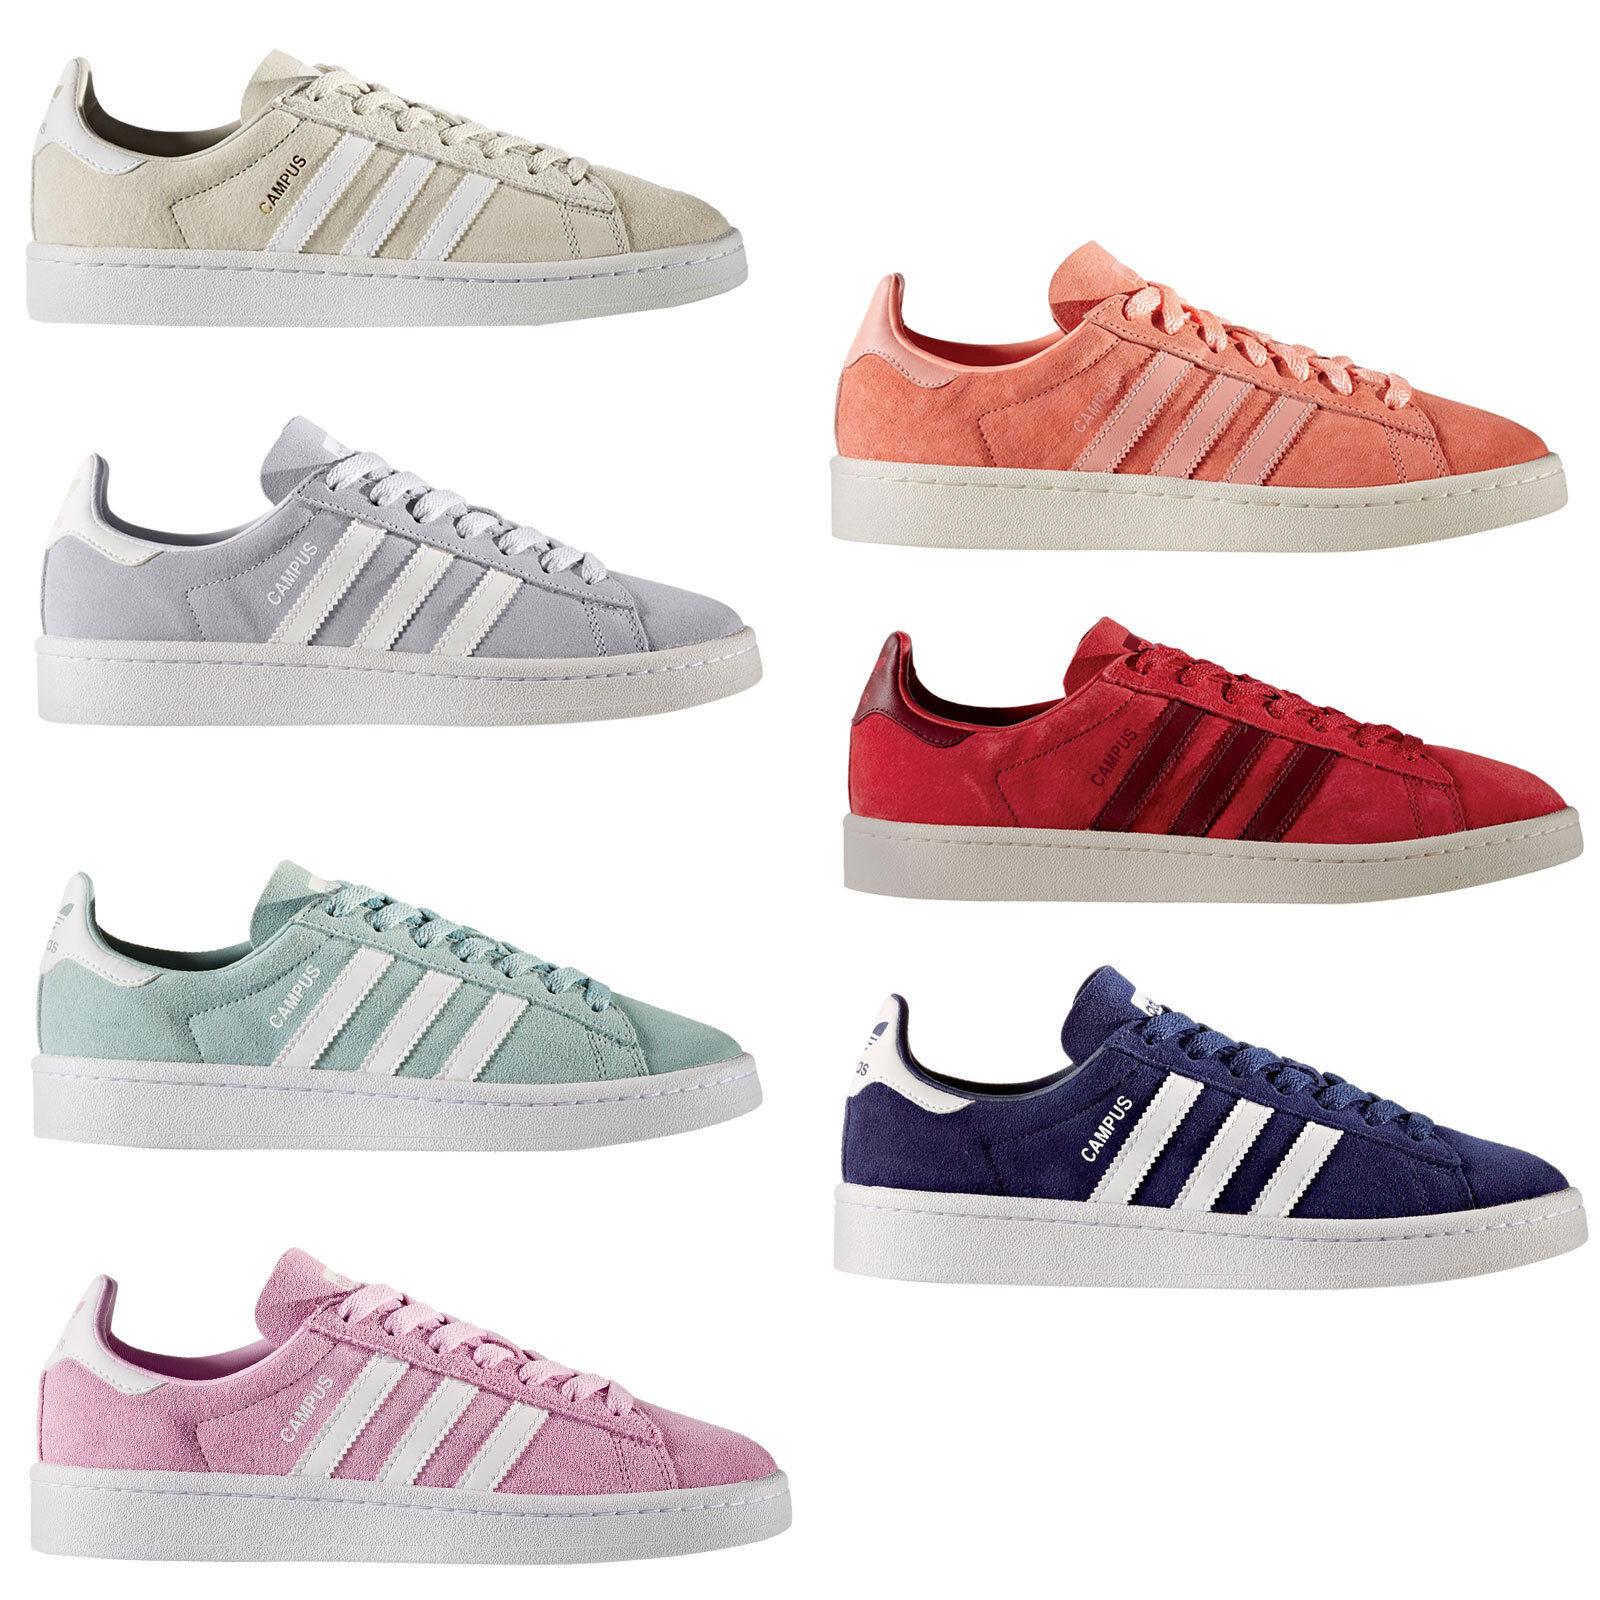 Adidas Originals campus señora-cortos calzado deportivo verano zapatillas de deporte zapatos de verano deportivo nuevo f06c8d